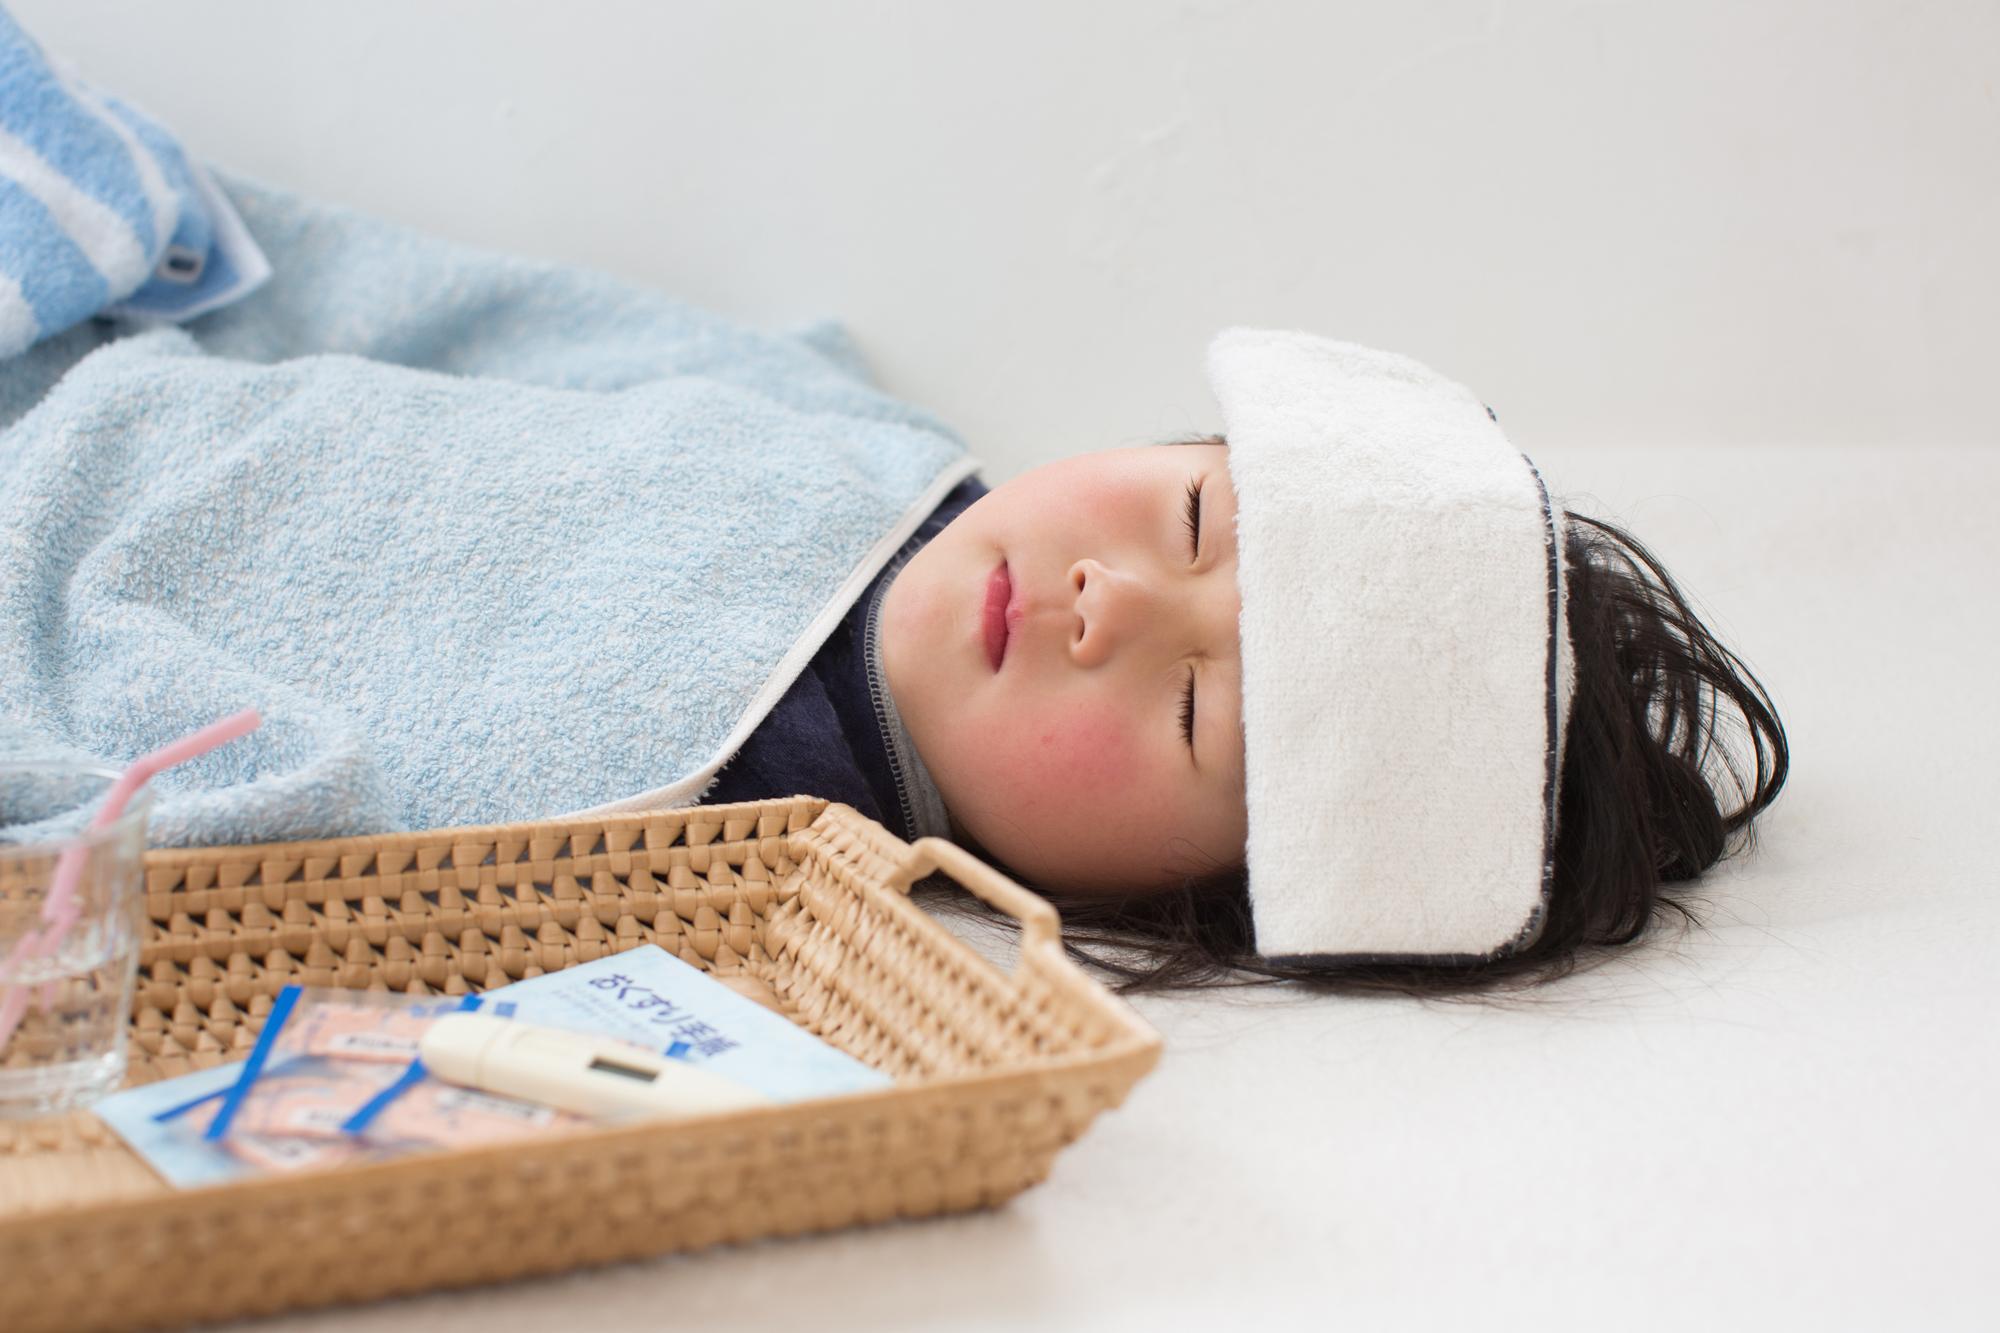 インフルエンザ脳症の症状の特徴や原因について